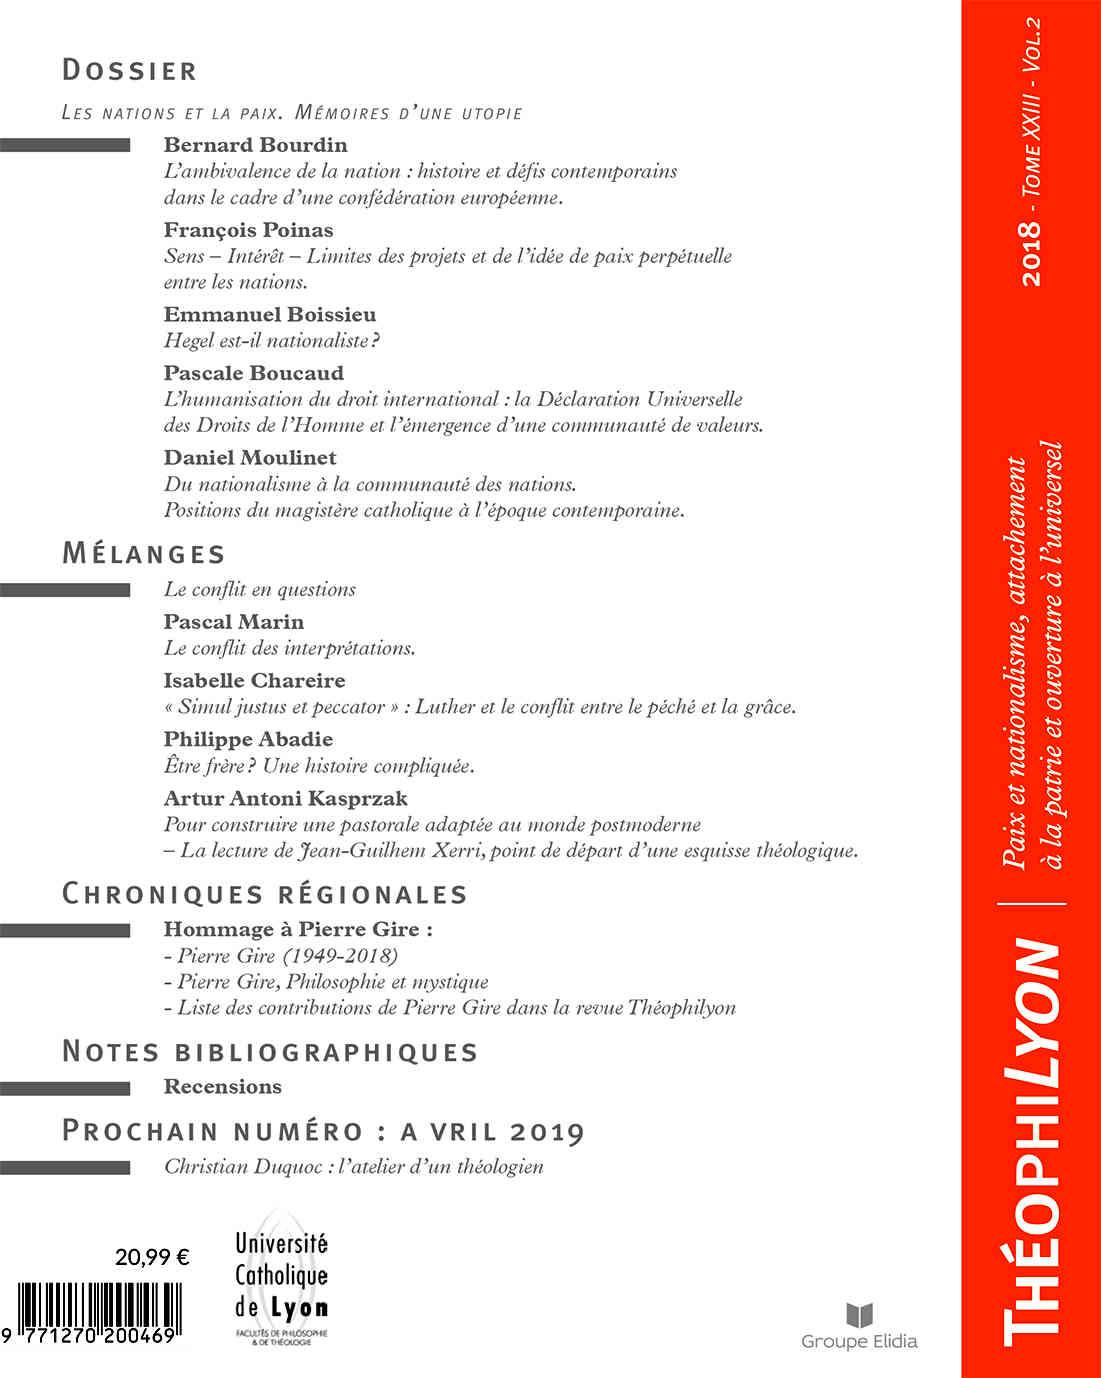 4eme de couverture du numéro 23 de la revue Théophylion